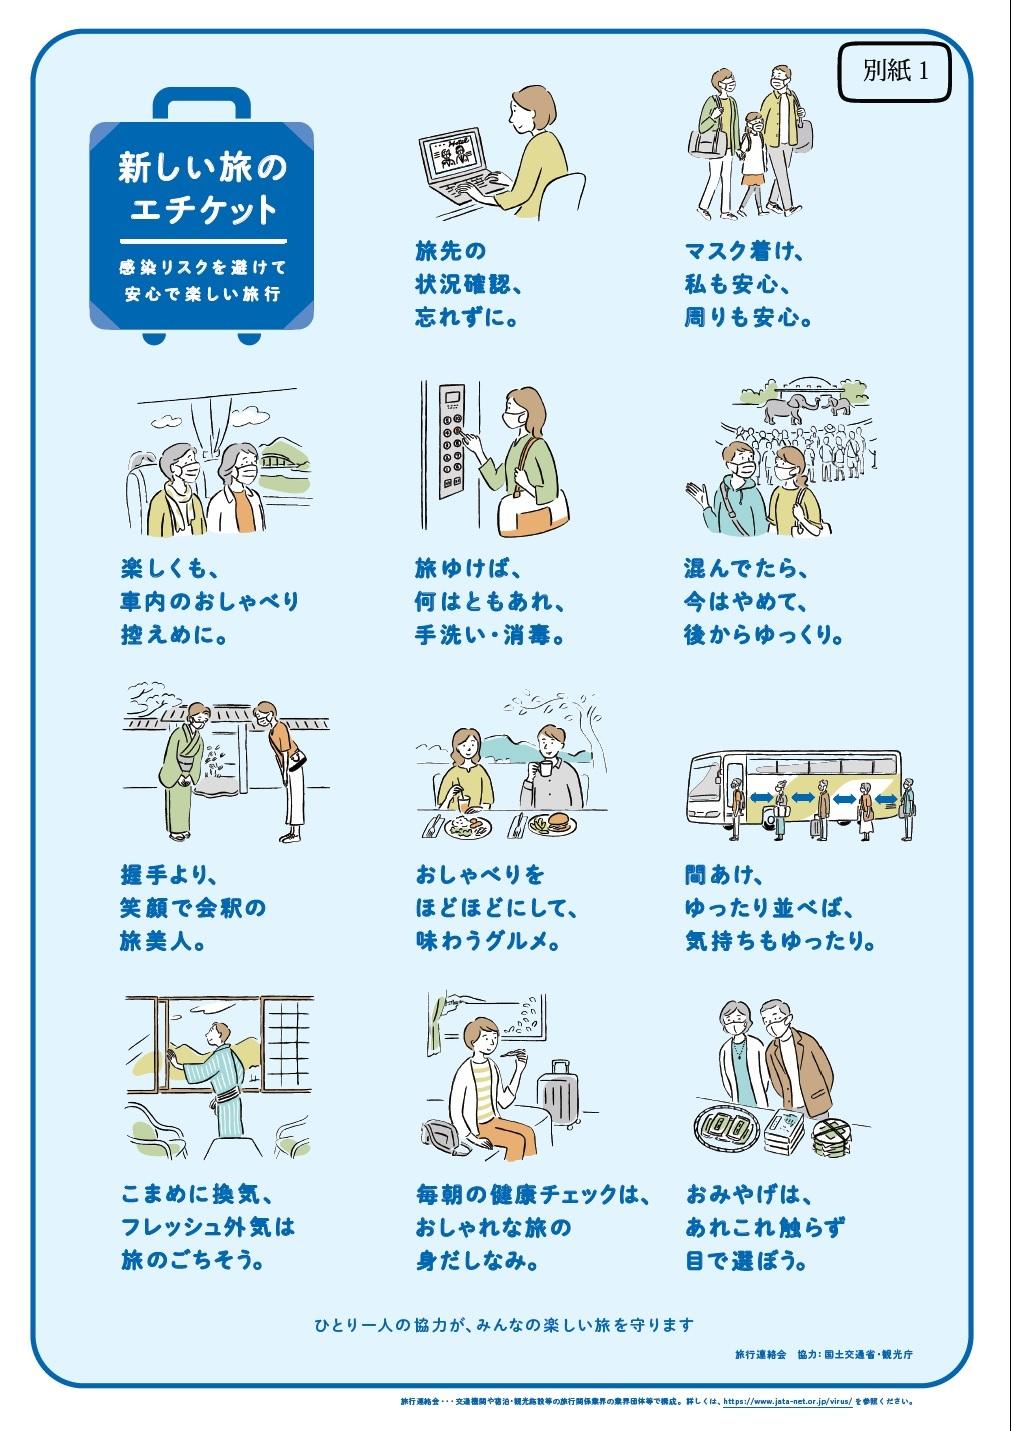 晴耕雨読_c0176838_21052829.jpg